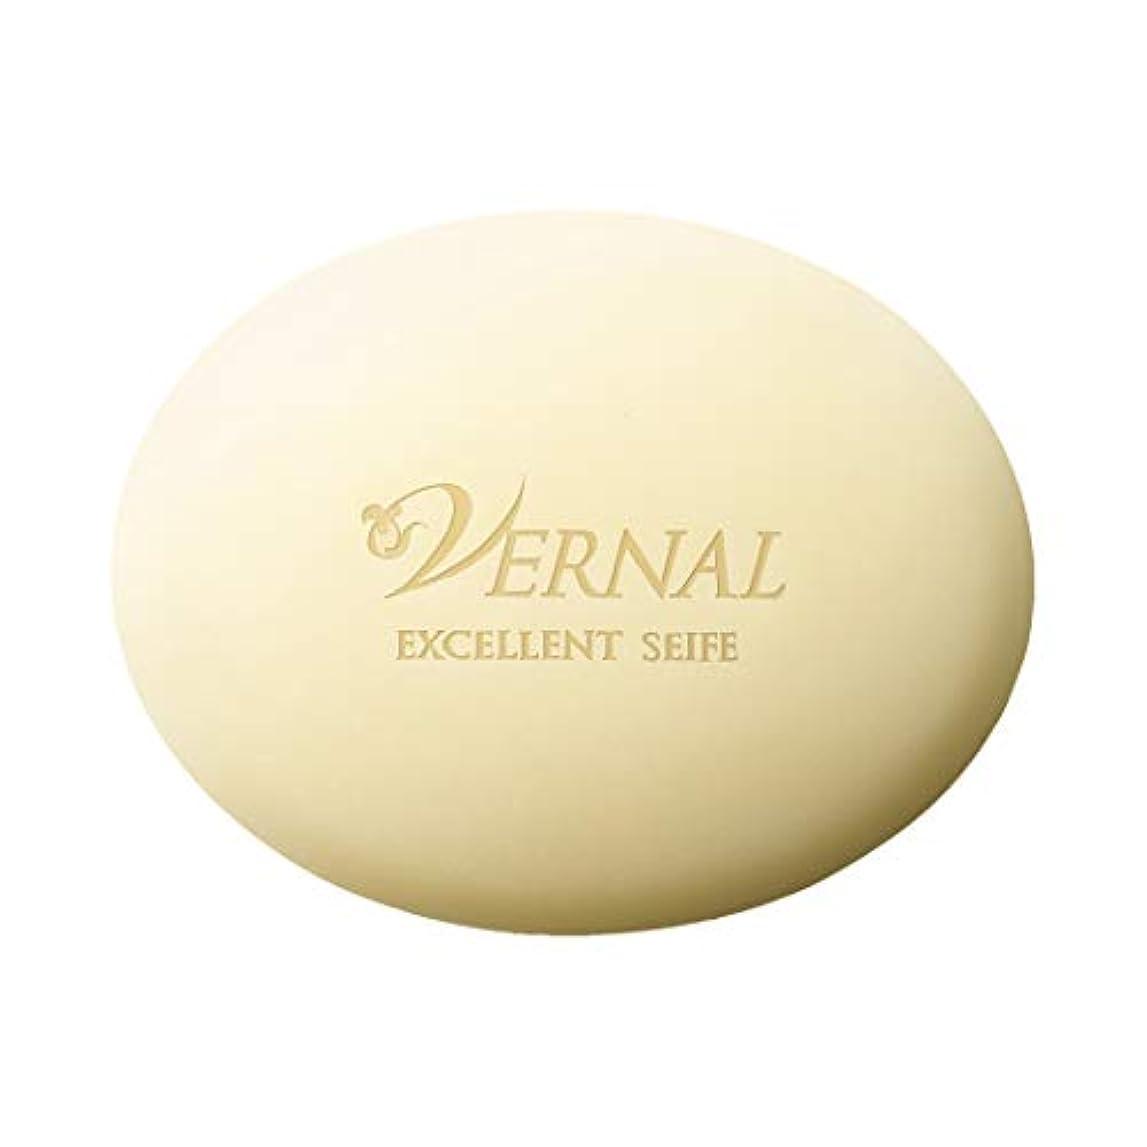 捨てる適合するシリングエクセレントザイフ110g/ヴァーナル 洗顔石鹸 仕上げ洗顔